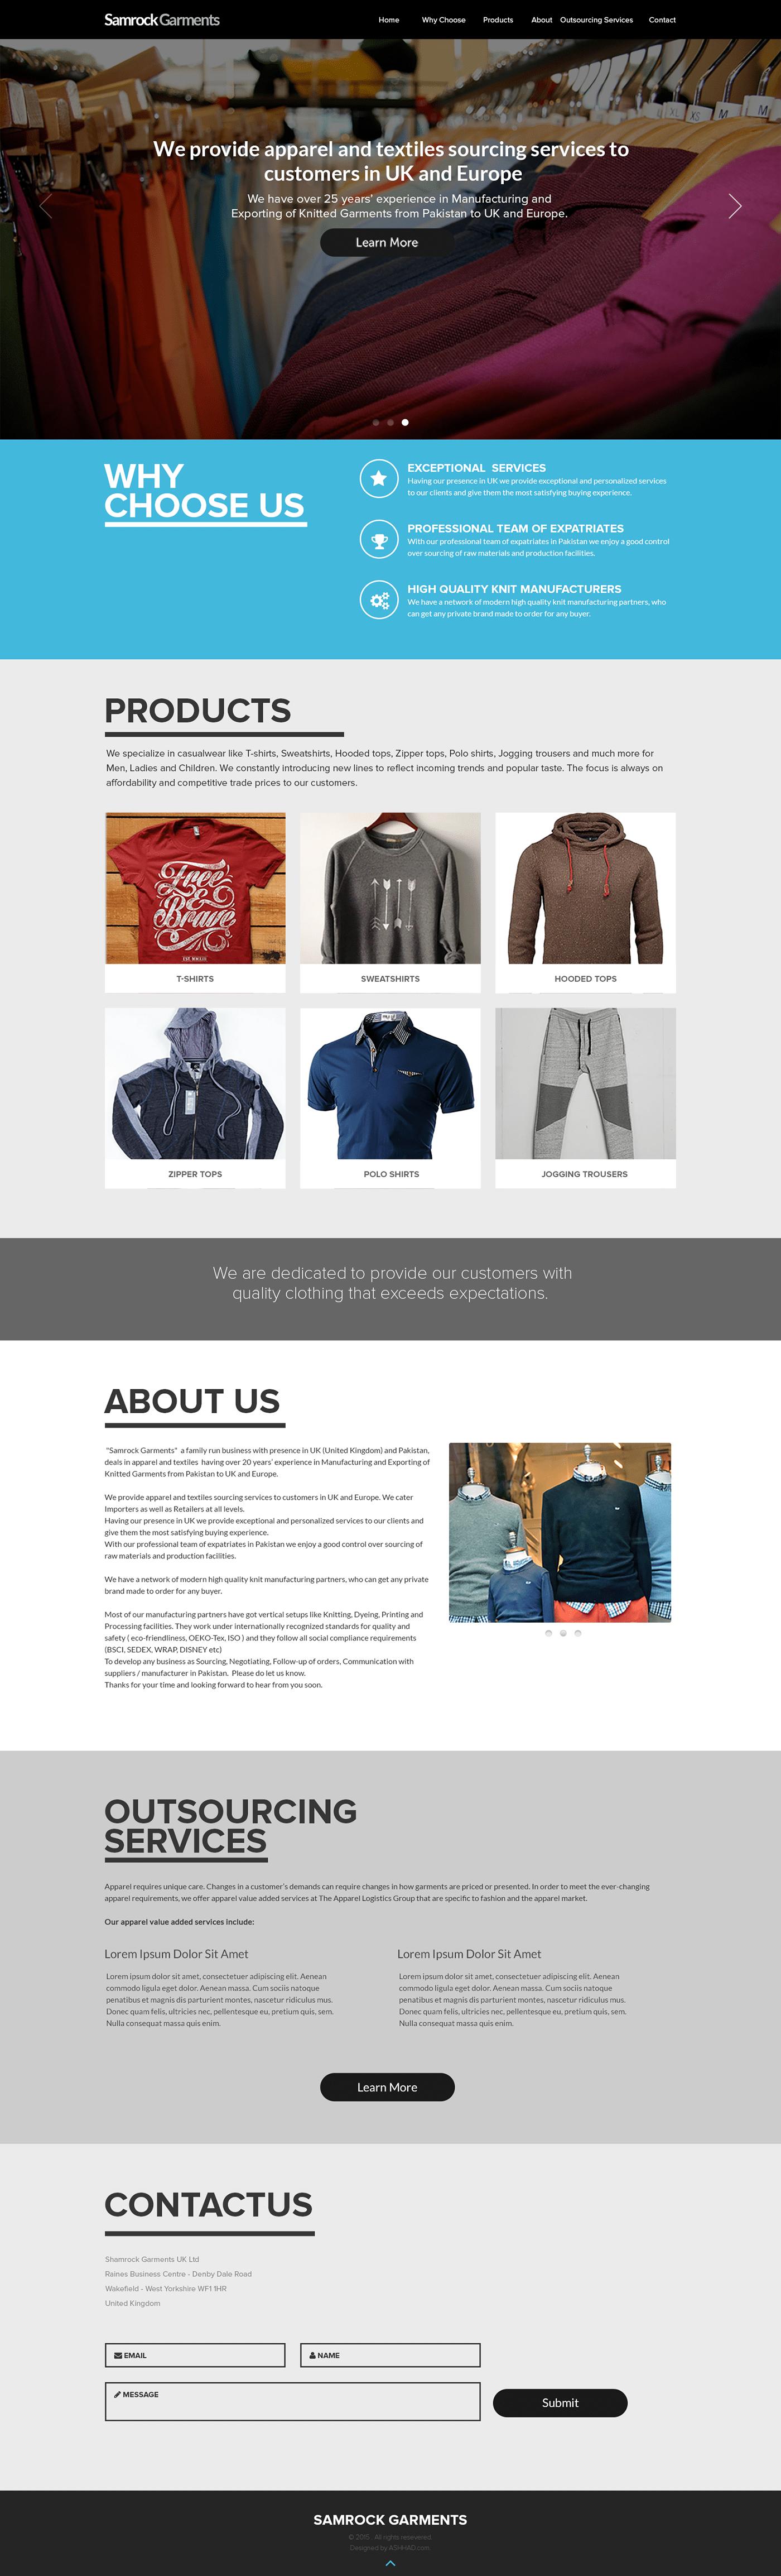 Image may contain: clothing, screenshot and jacket